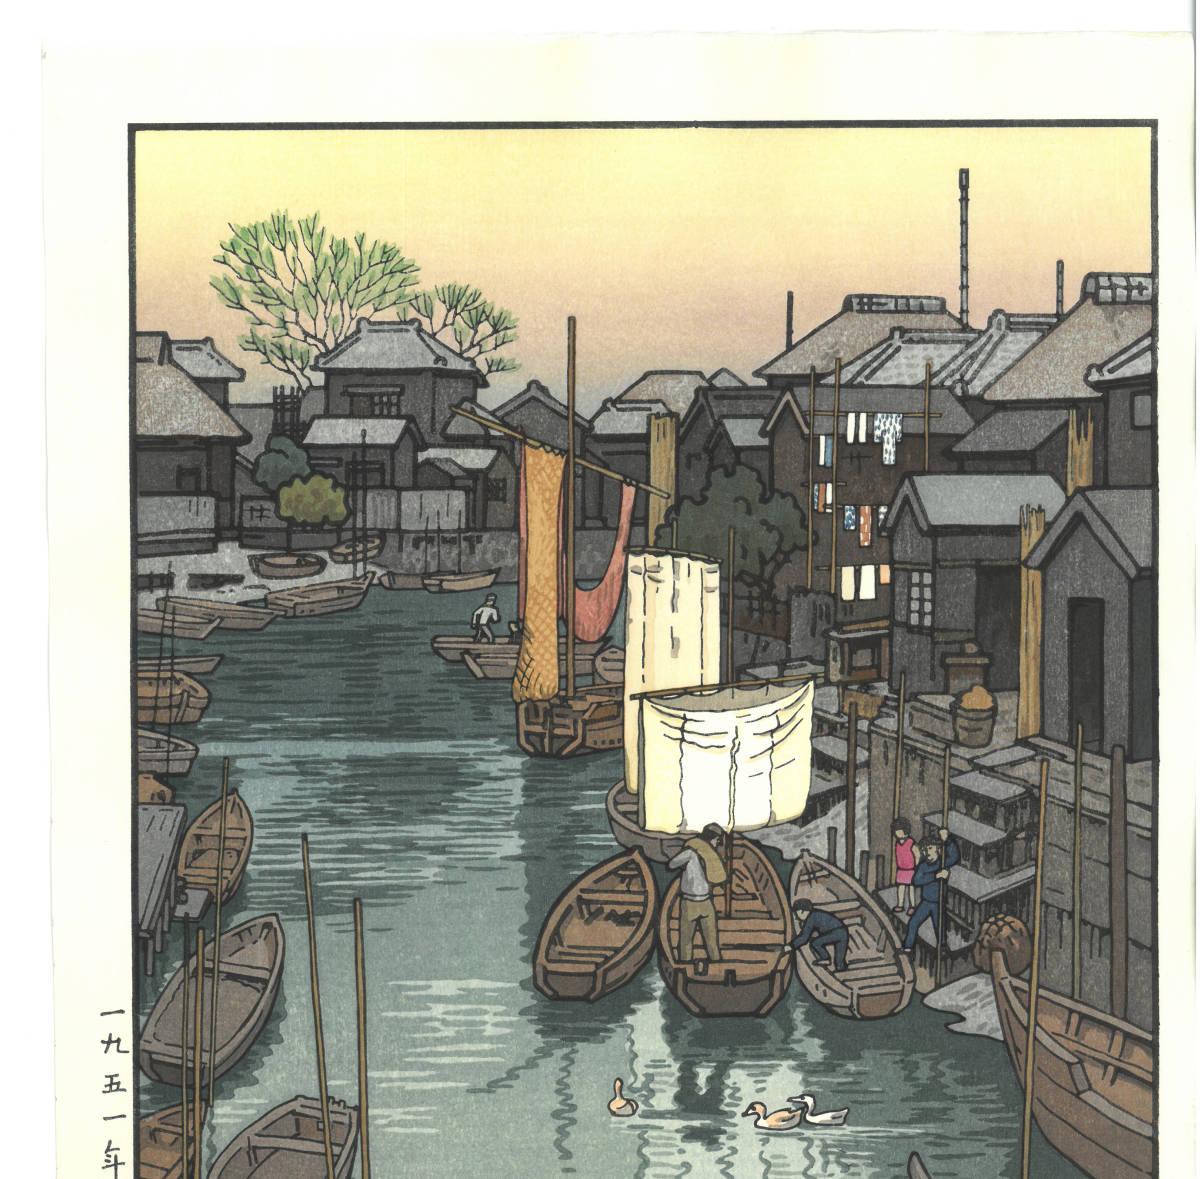 吉田遠志 木版画  015101 浦安 (Urayasu)  初摺1951年    最高峰の摺師の技をご堪能下さい!!_画像3